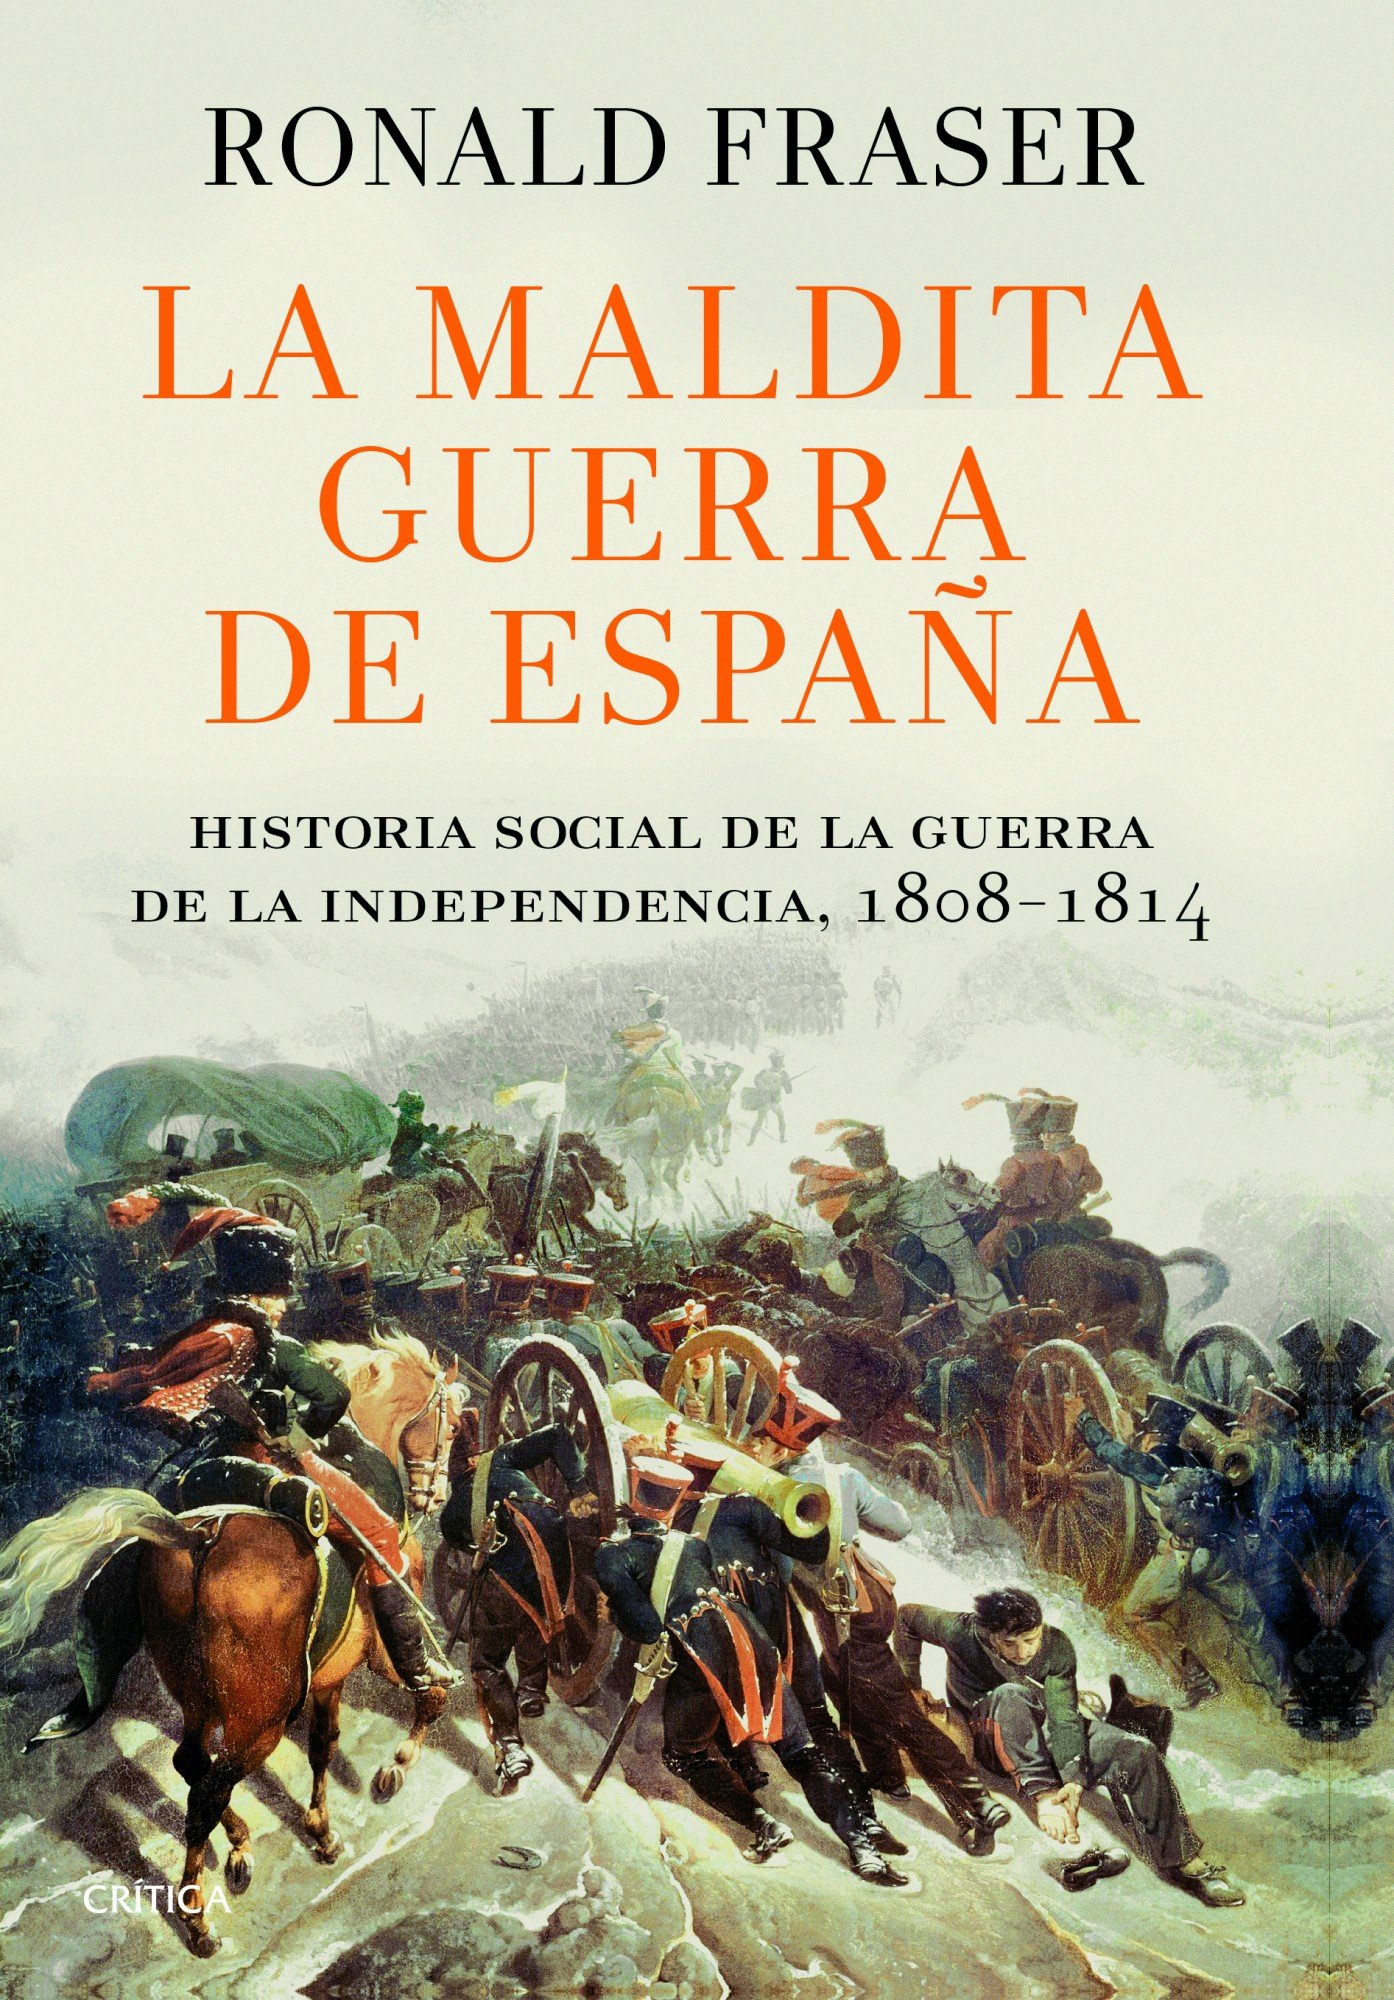 La maldita guerra de España: Historia social de la guerra de la Independencia, 1808-1814 Serie Mayor: Amazon.es: Fraser, Ronald, Furió, Silvia: Libros